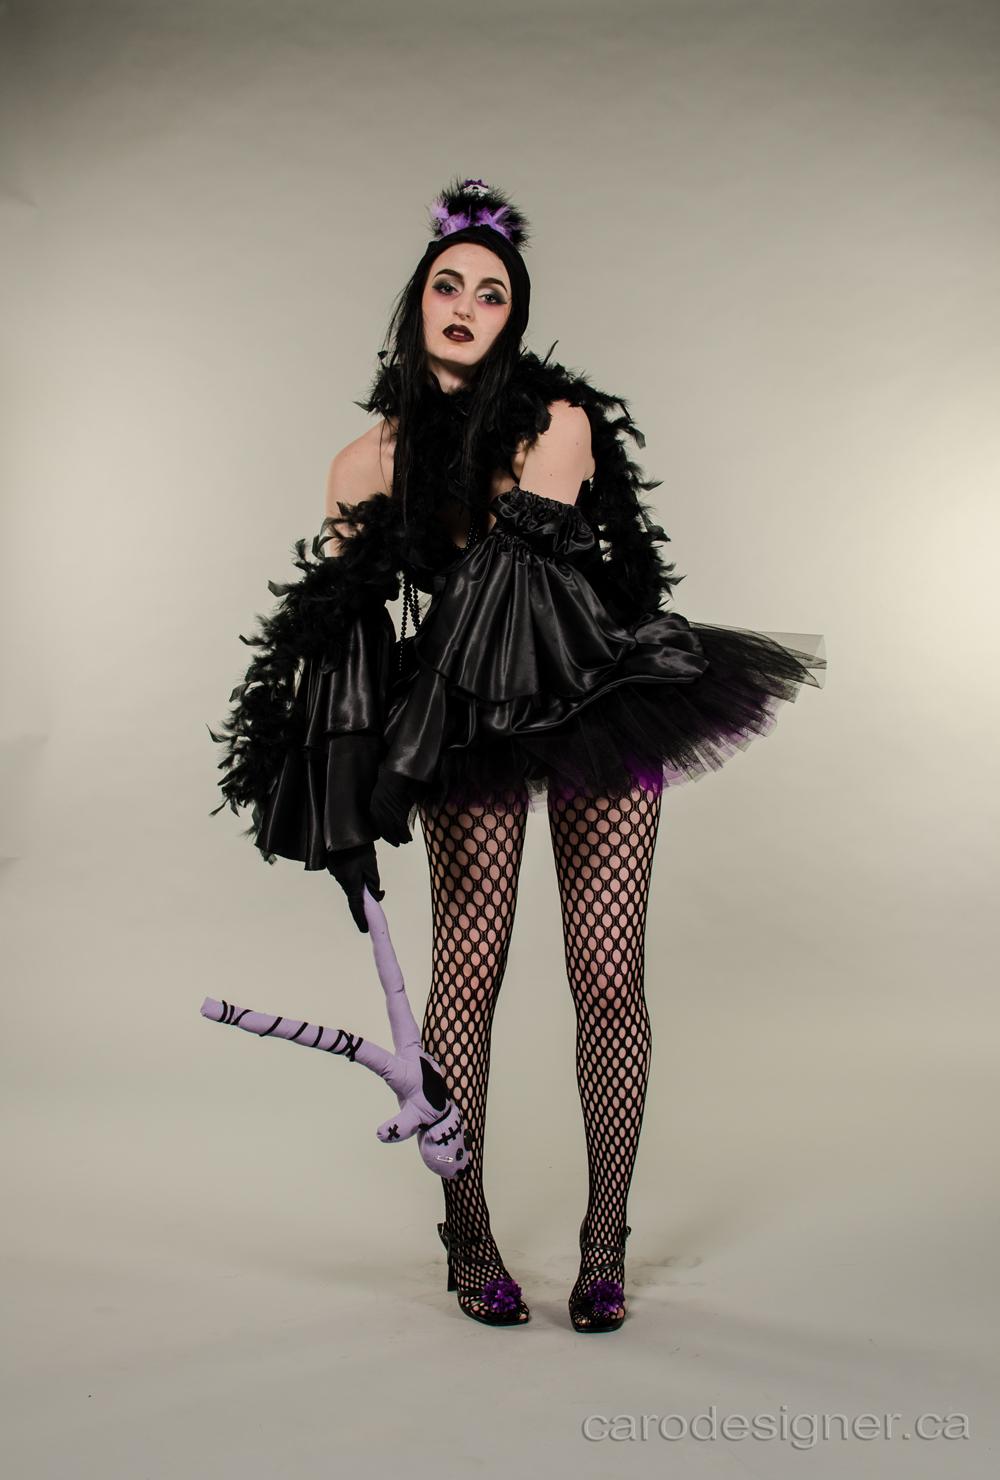 Ballerine vaudou - photo 1